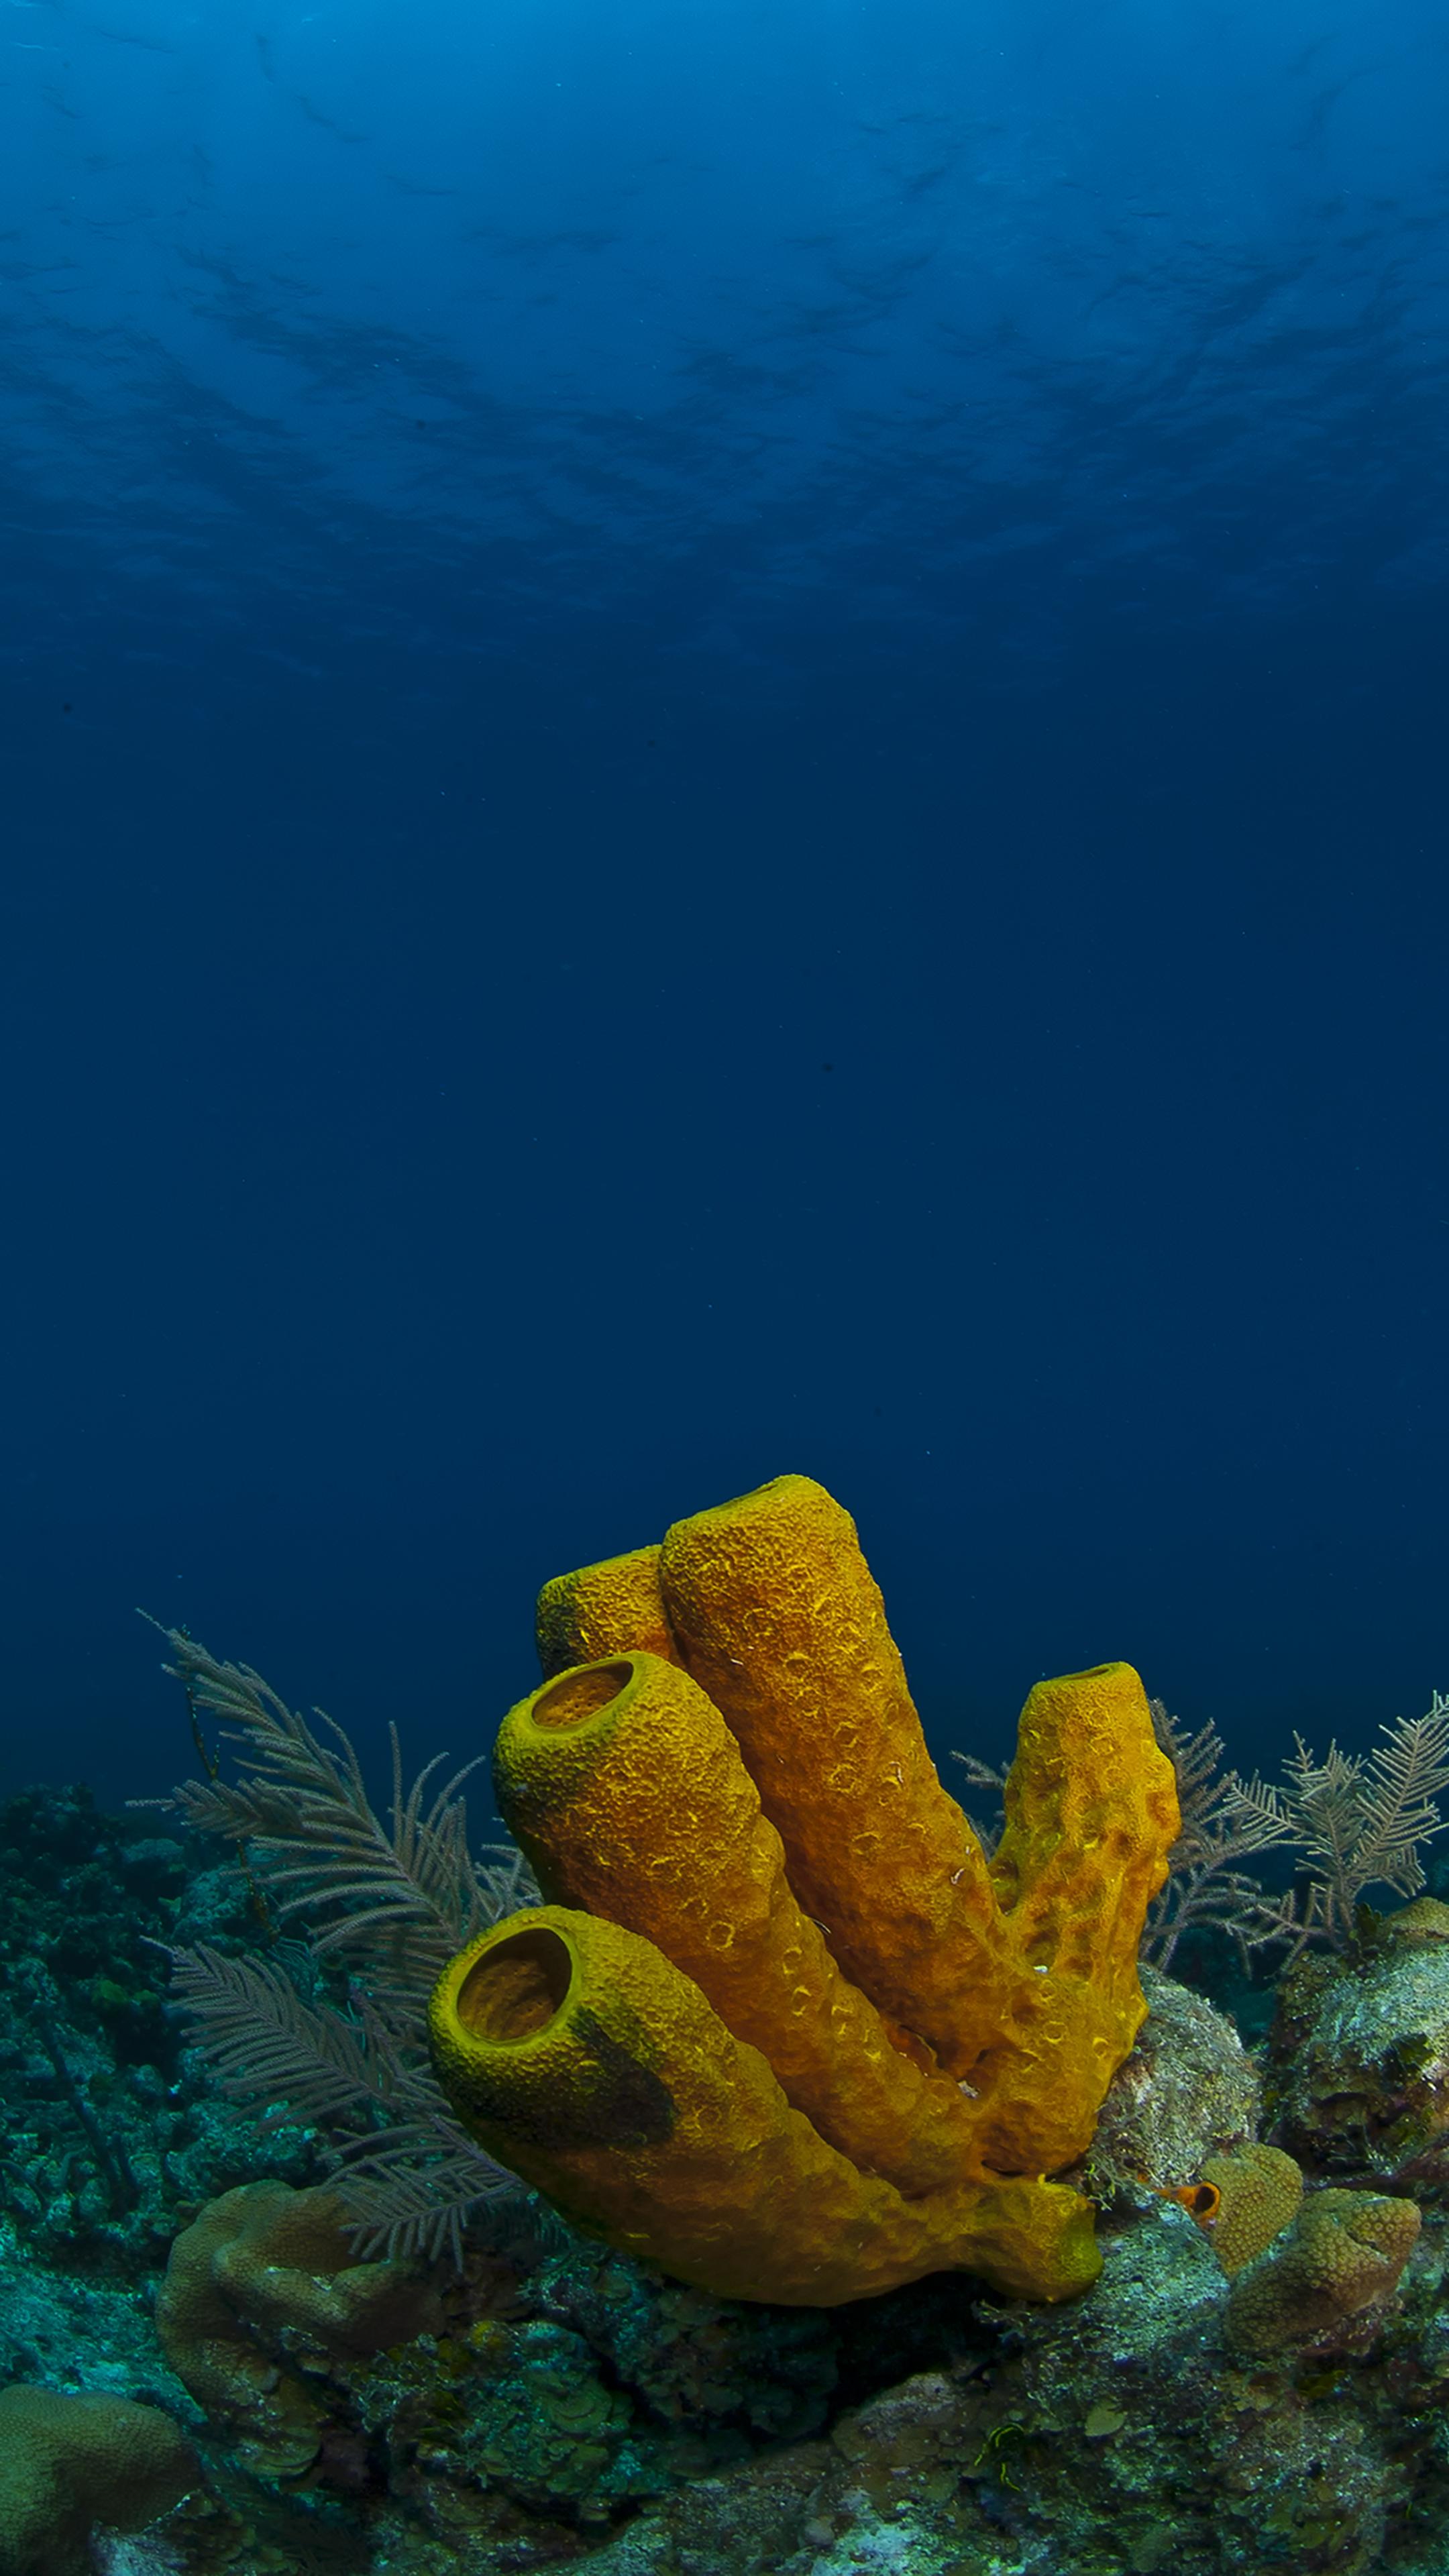 Sponge in Blue Water